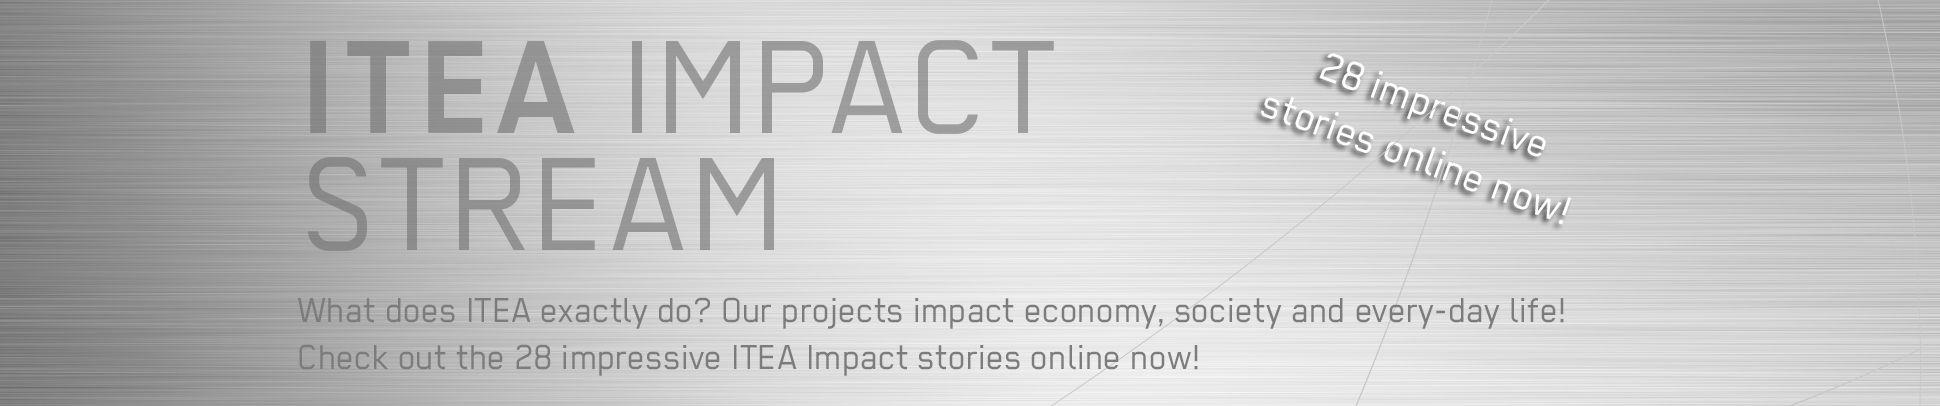 Jumbotron ITEA Impact stream June 2021